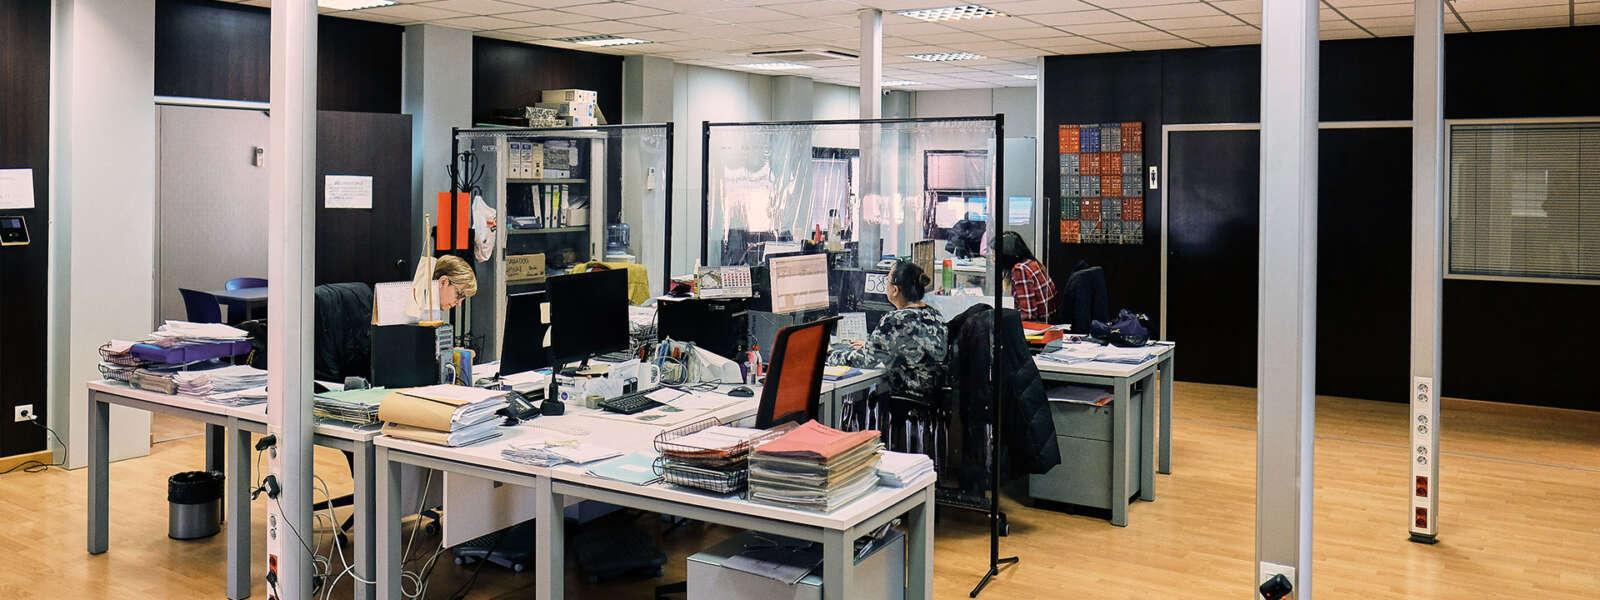 imagen-oficina-interior-2